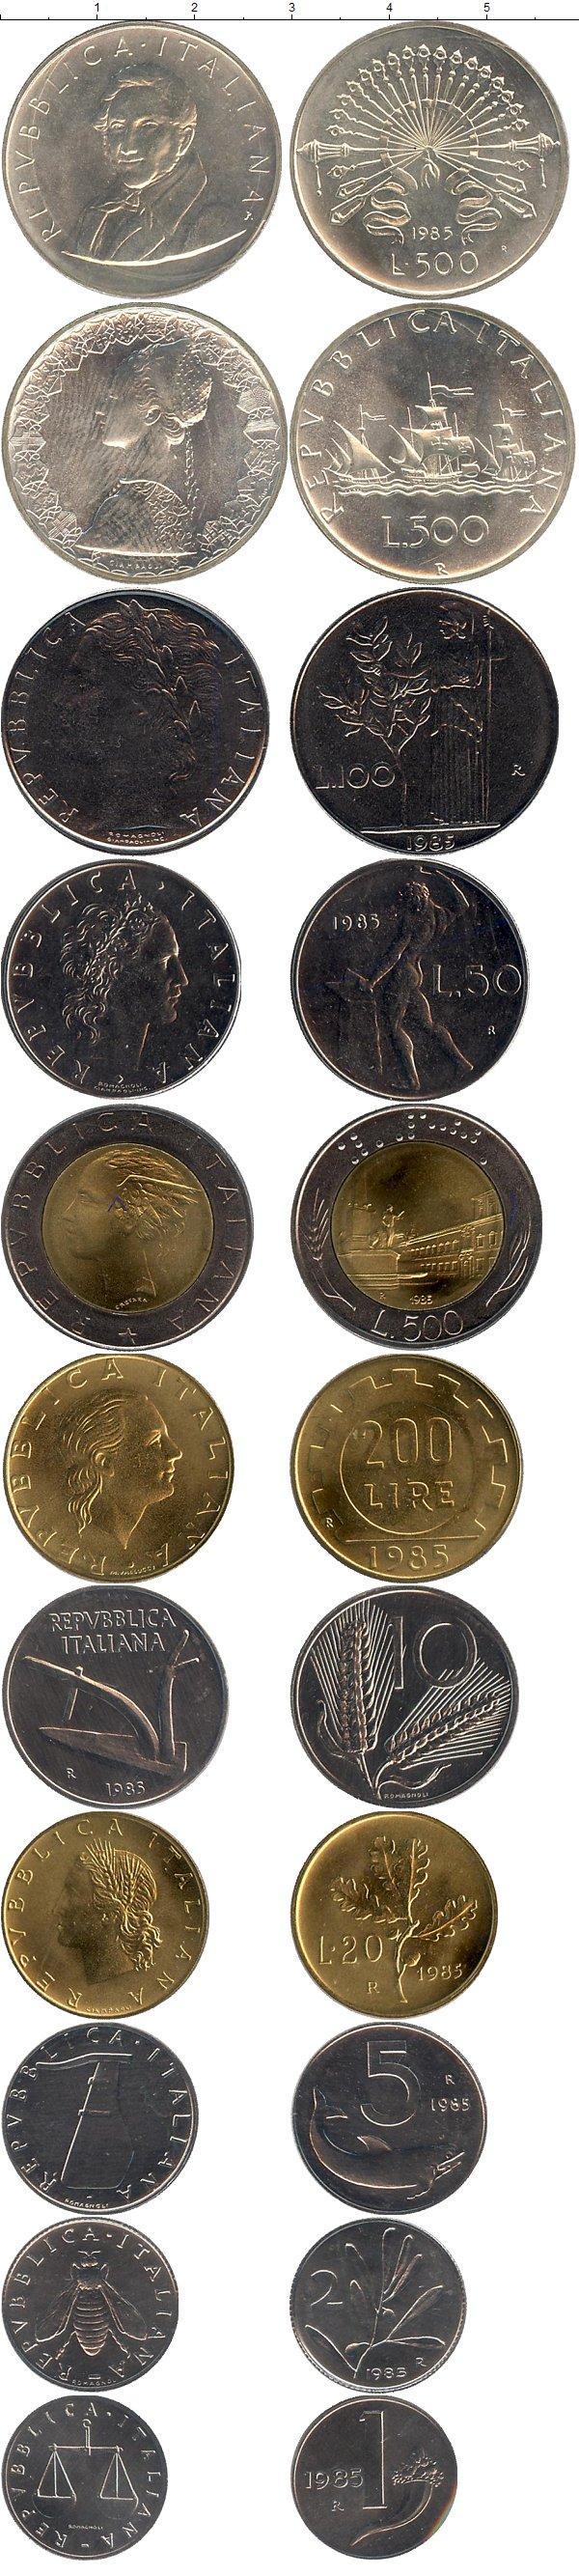 Каталог монет - Италия Выпуск монет 1985 года